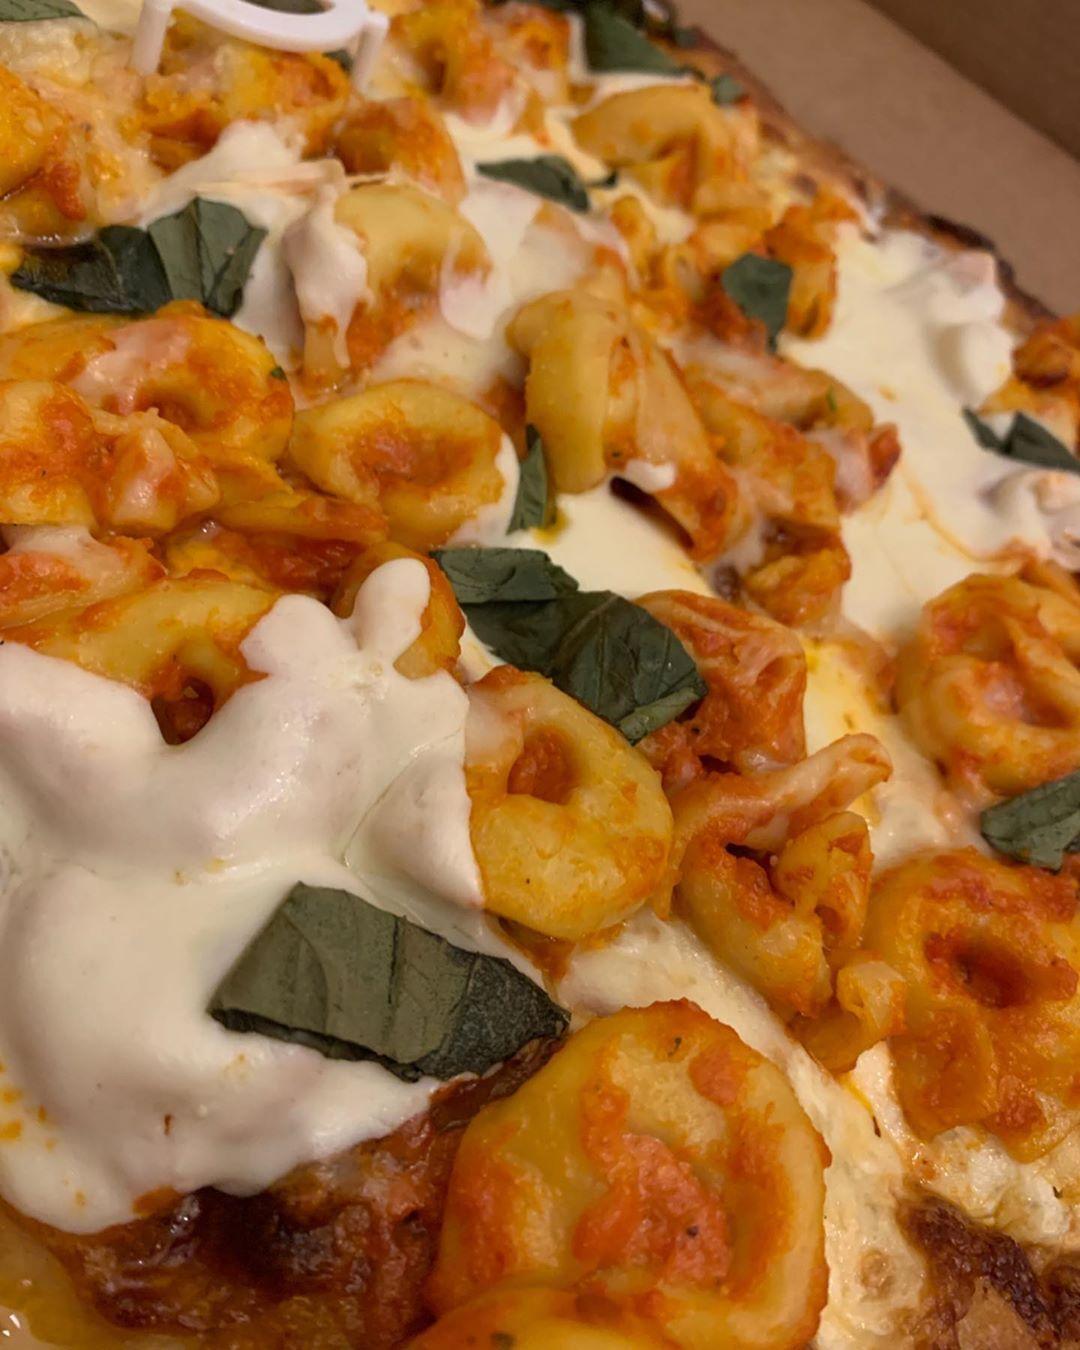 Tortellini a la vodka pizza.... say no more. Thank you